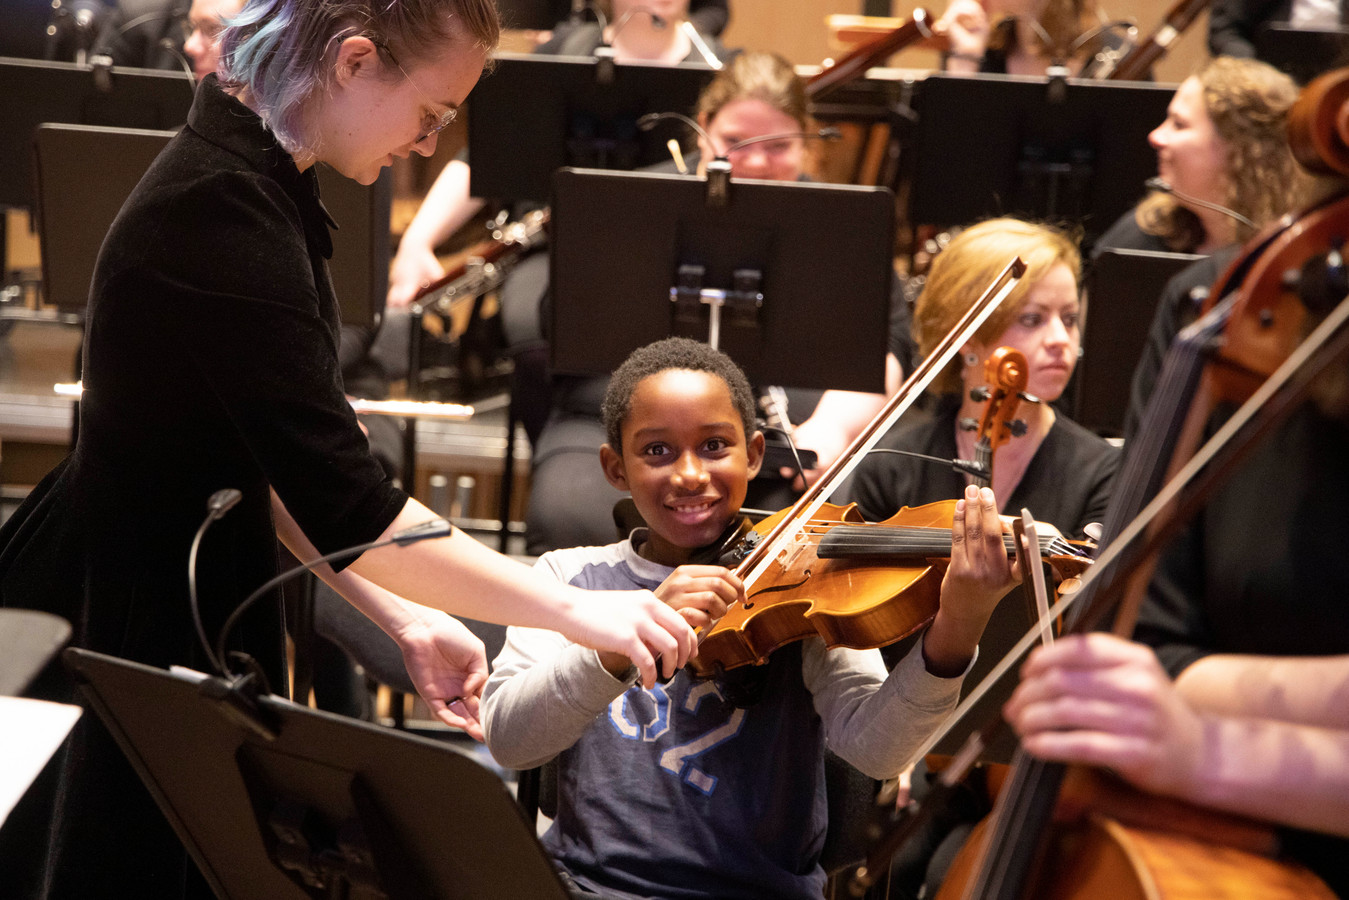 Een Nijmeegse scholier mag de viool uitproberen van een lid van het Nijmeegs studentenorkest.